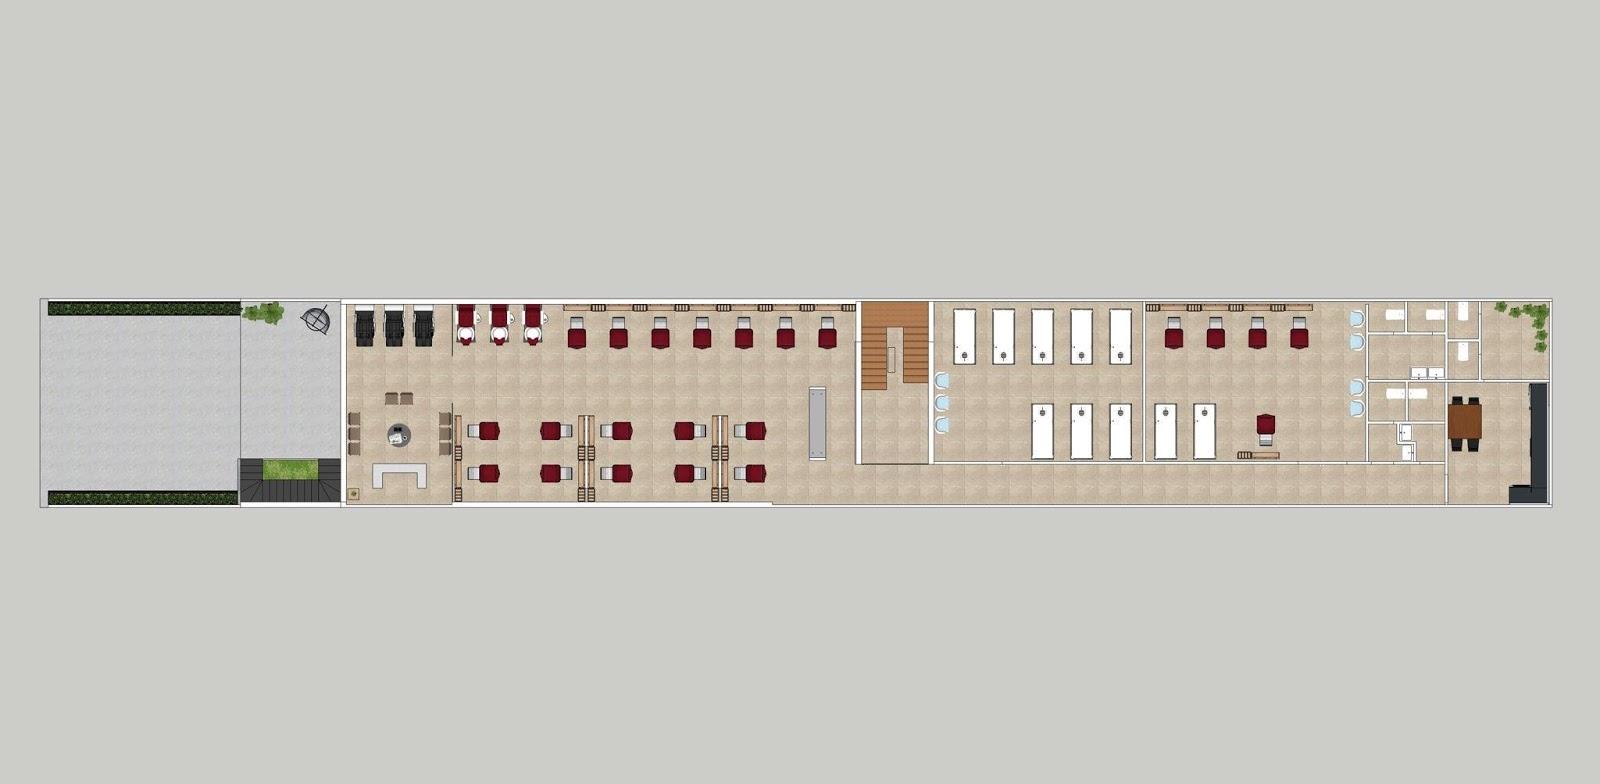 Lộ diện hình ảnh đầu tiên của chuỗi salon tiêu chuẩn 5 sao VISSA - Ảnh 1